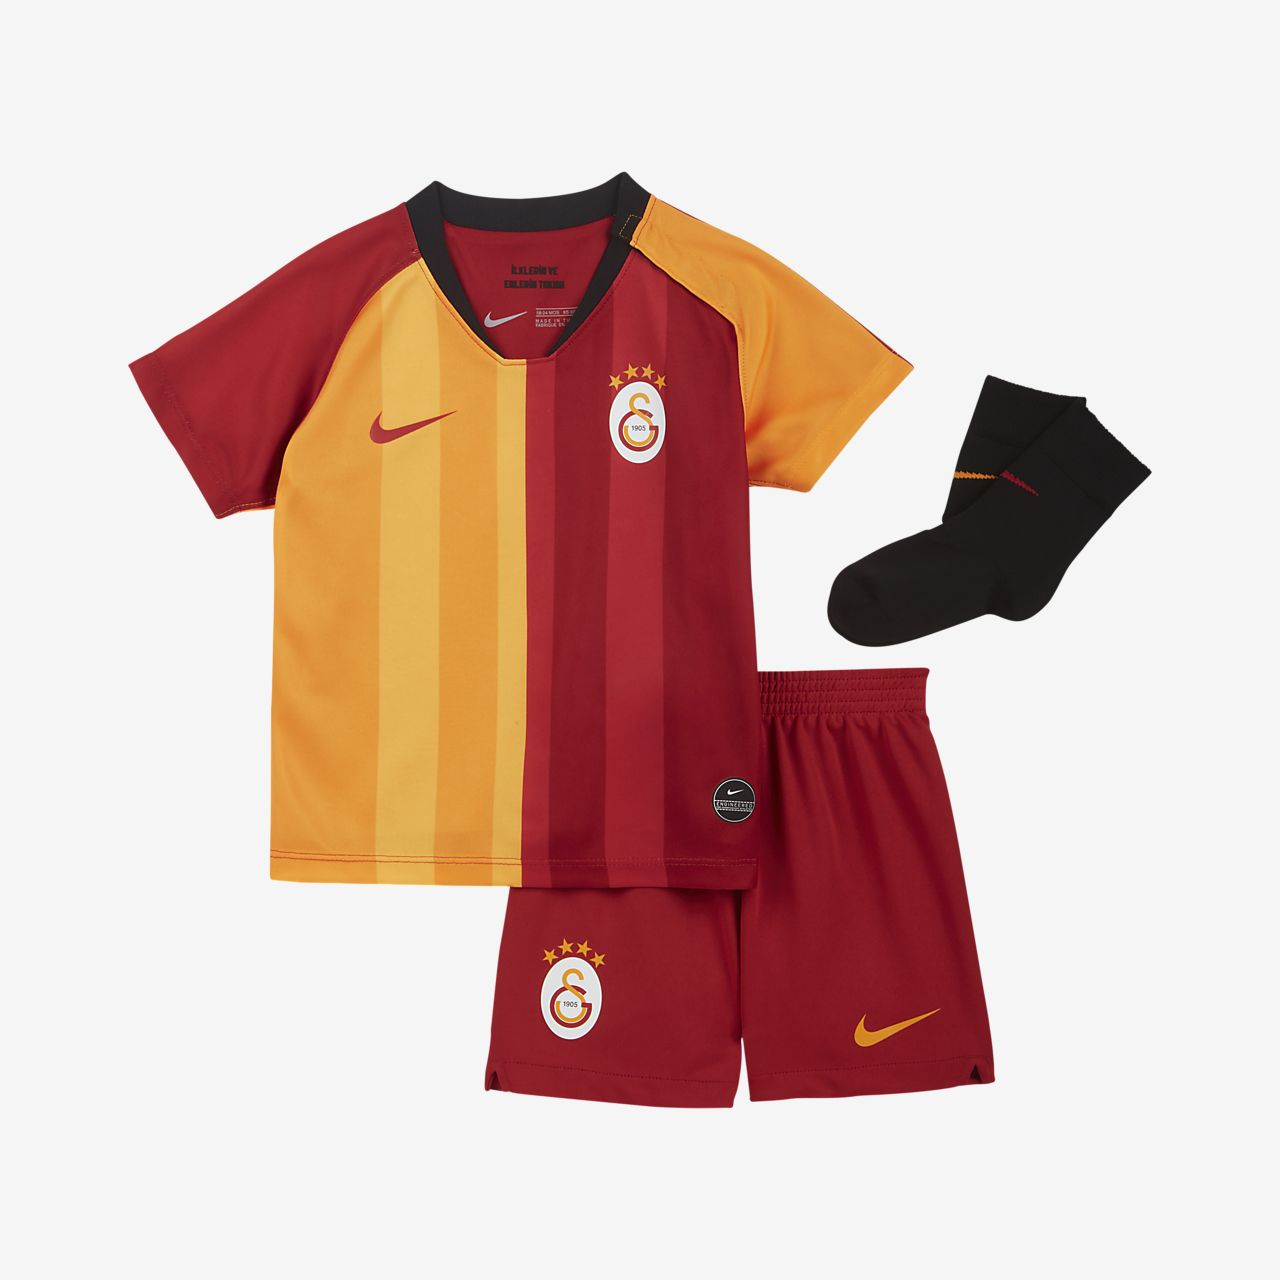 Galatasaray 2019/20 Home Equipació de futbol - Nadó i infant